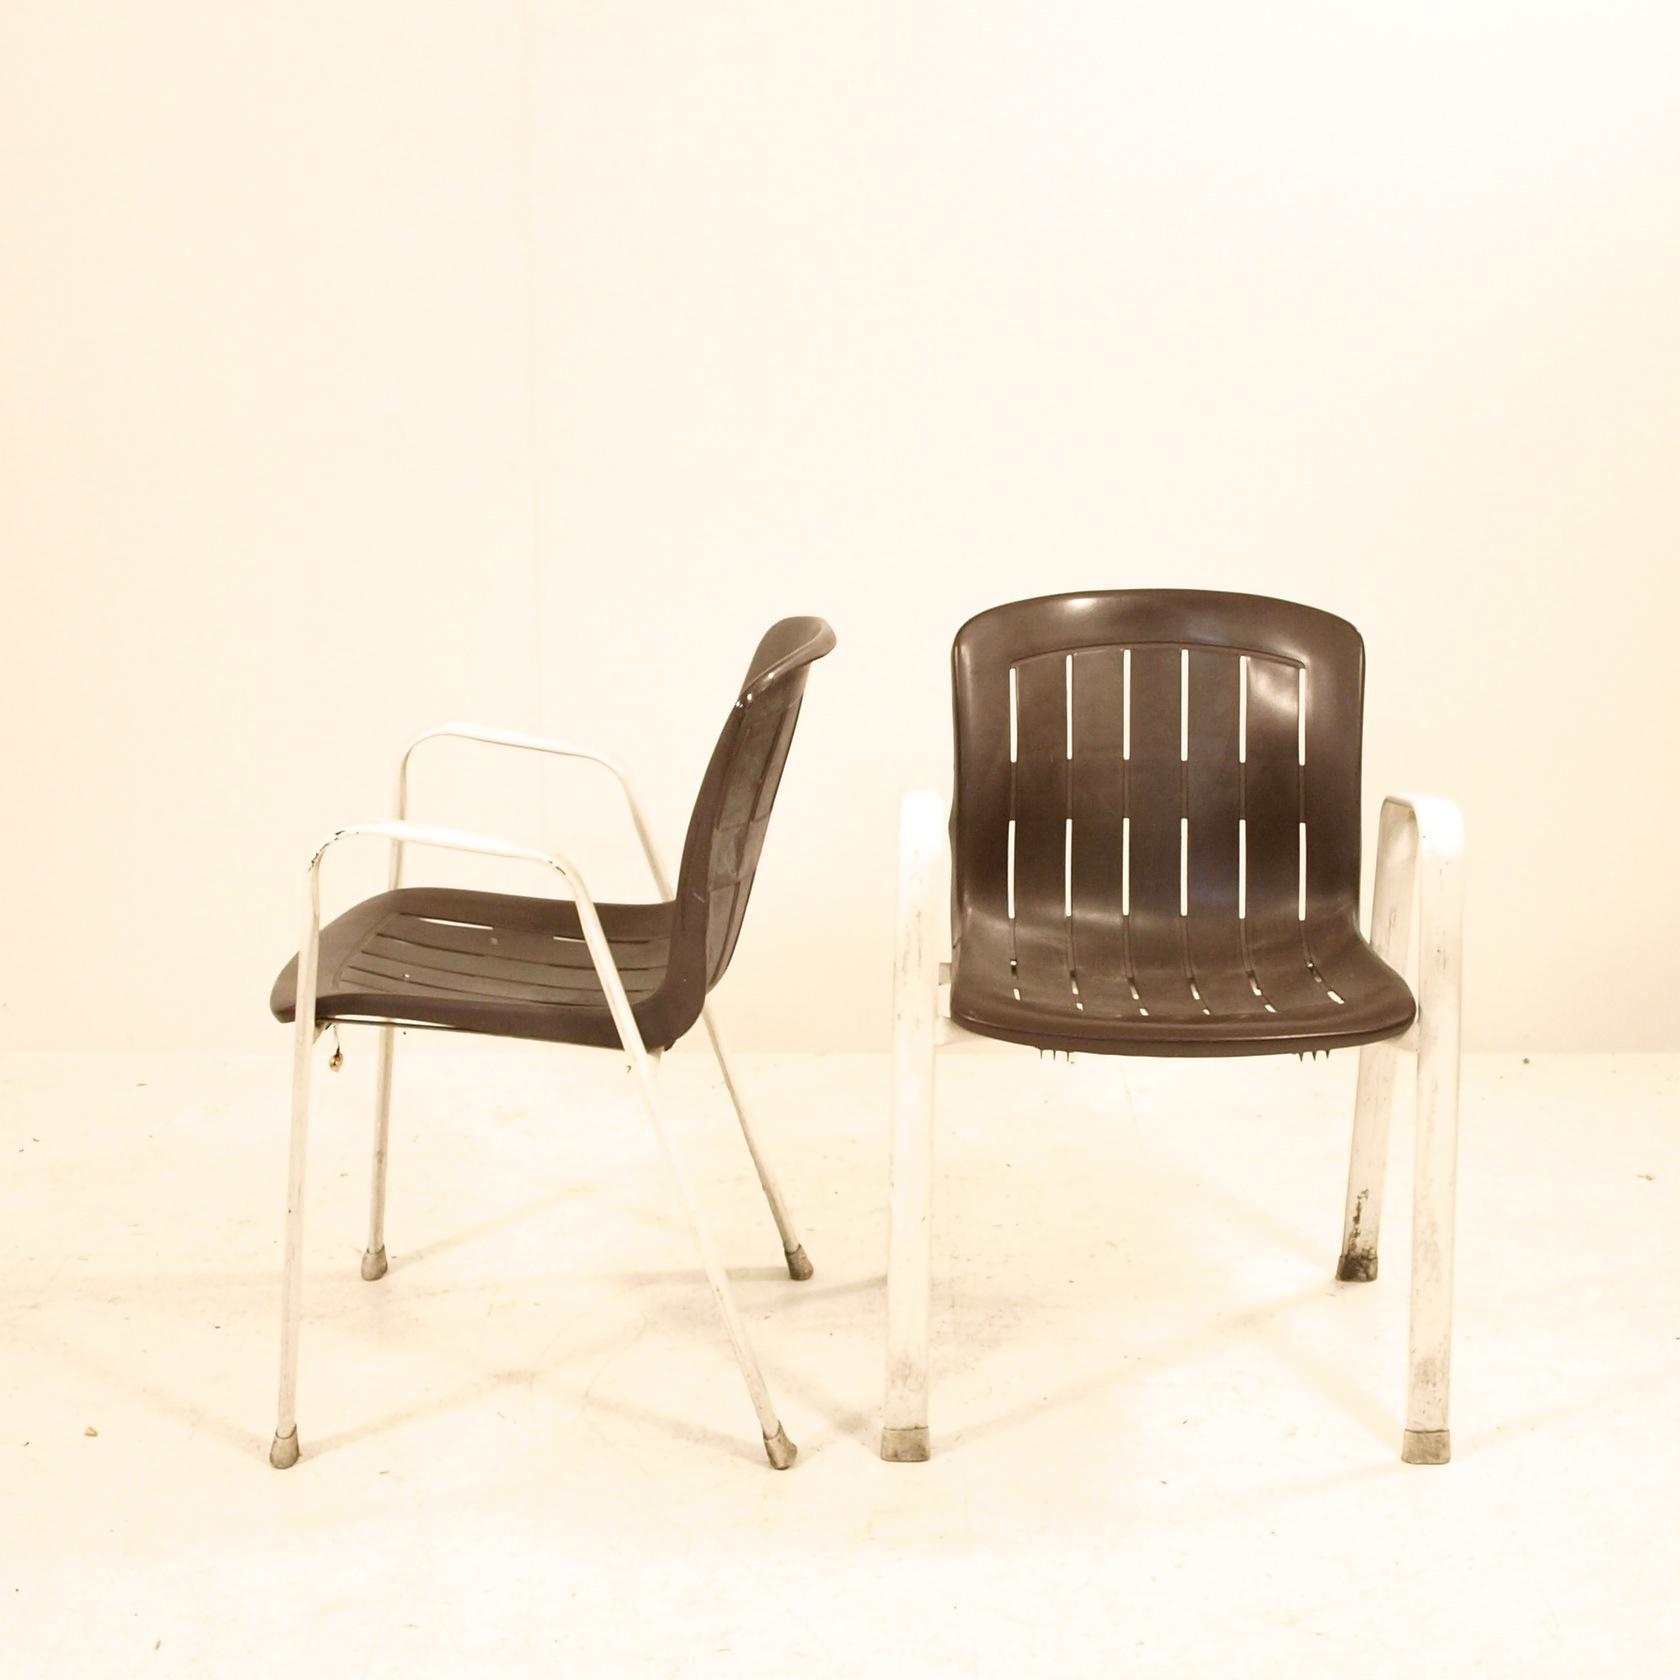 plastik gartenstuhl in braun ca 50 stk m bel z rich vintagem bel. Black Bedroom Furniture Sets. Home Design Ideas